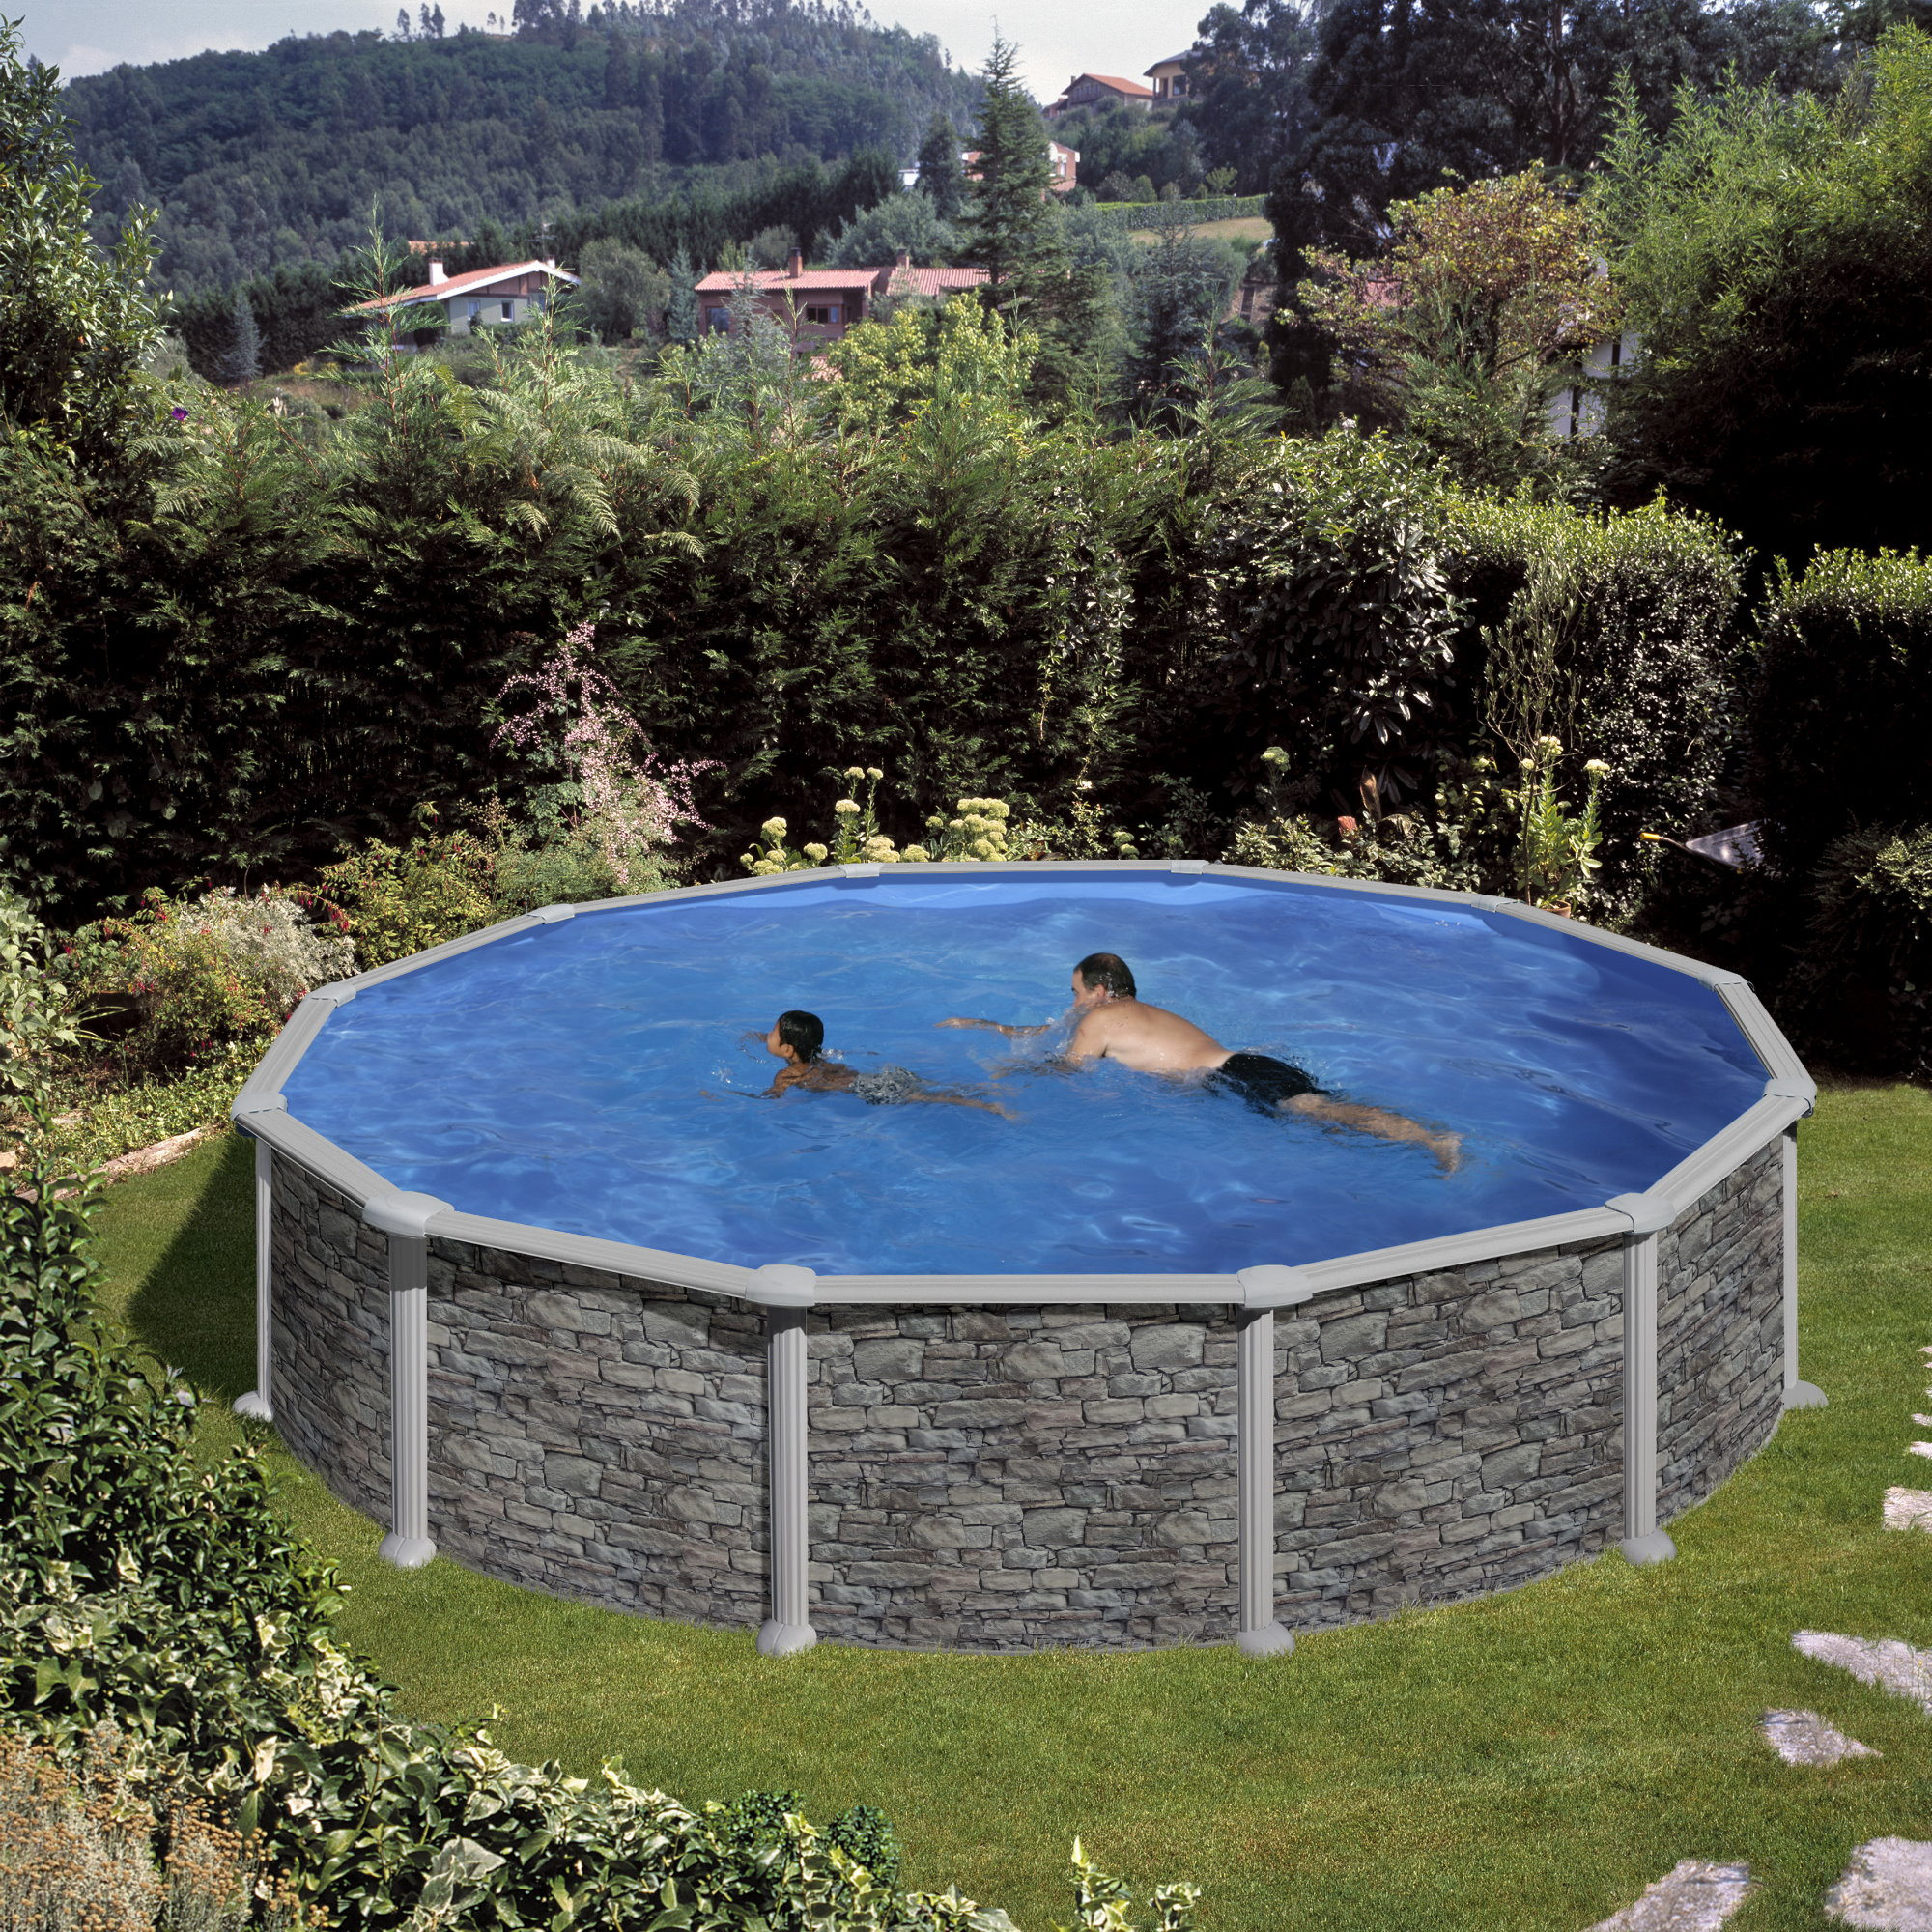 rundformbeckenset steinoptik corcega 550 x 132 cm pool chlor shop. Black Bedroom Furniture Sets. Home Design Ideas